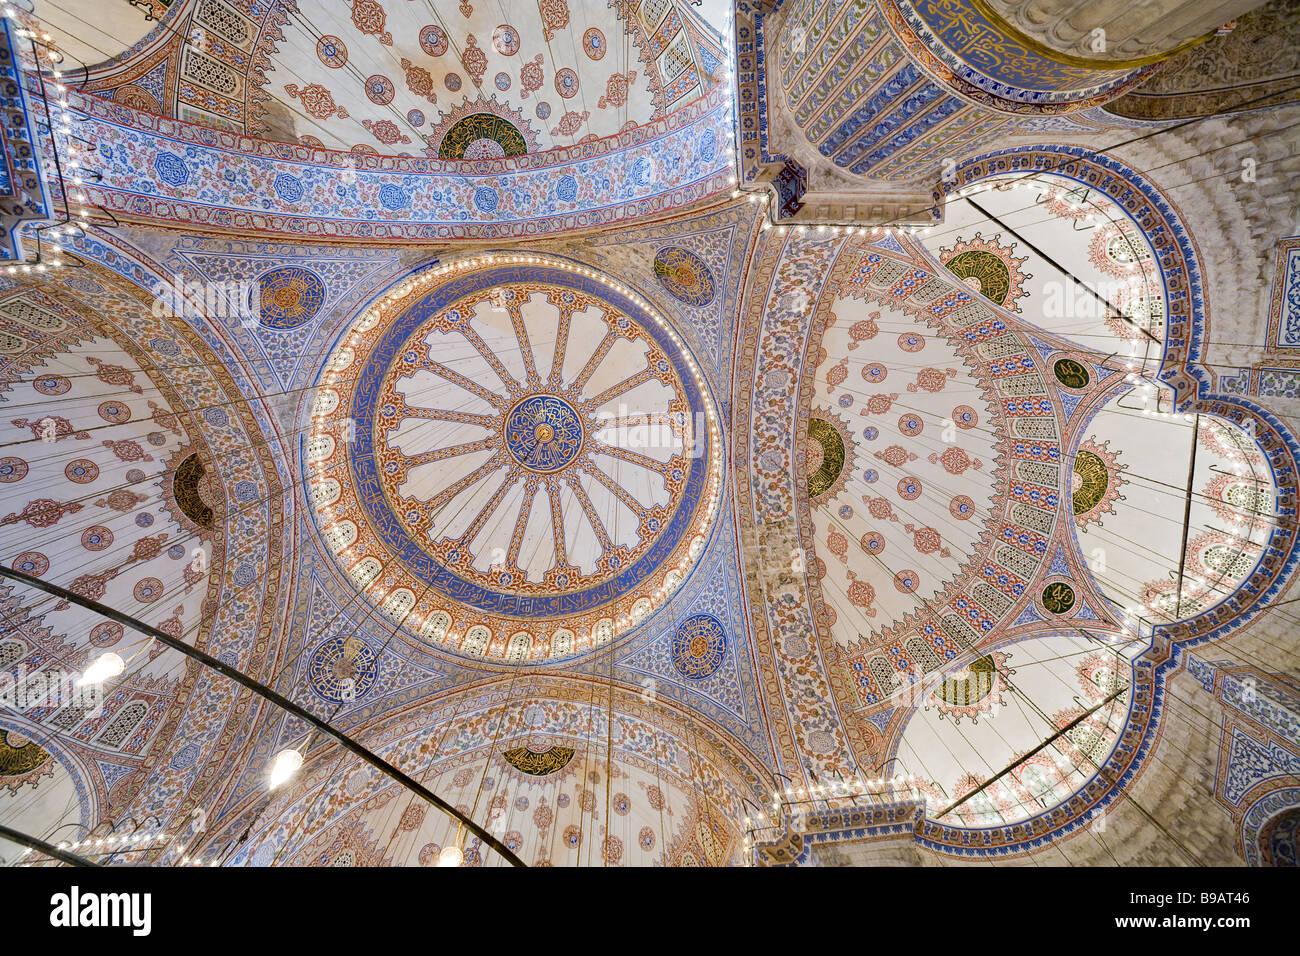 Komplexität in Farbe. Die hoch dekorierte Keramik überdachte Decke auf die blaue Moschee ist voller Licht Stockbild